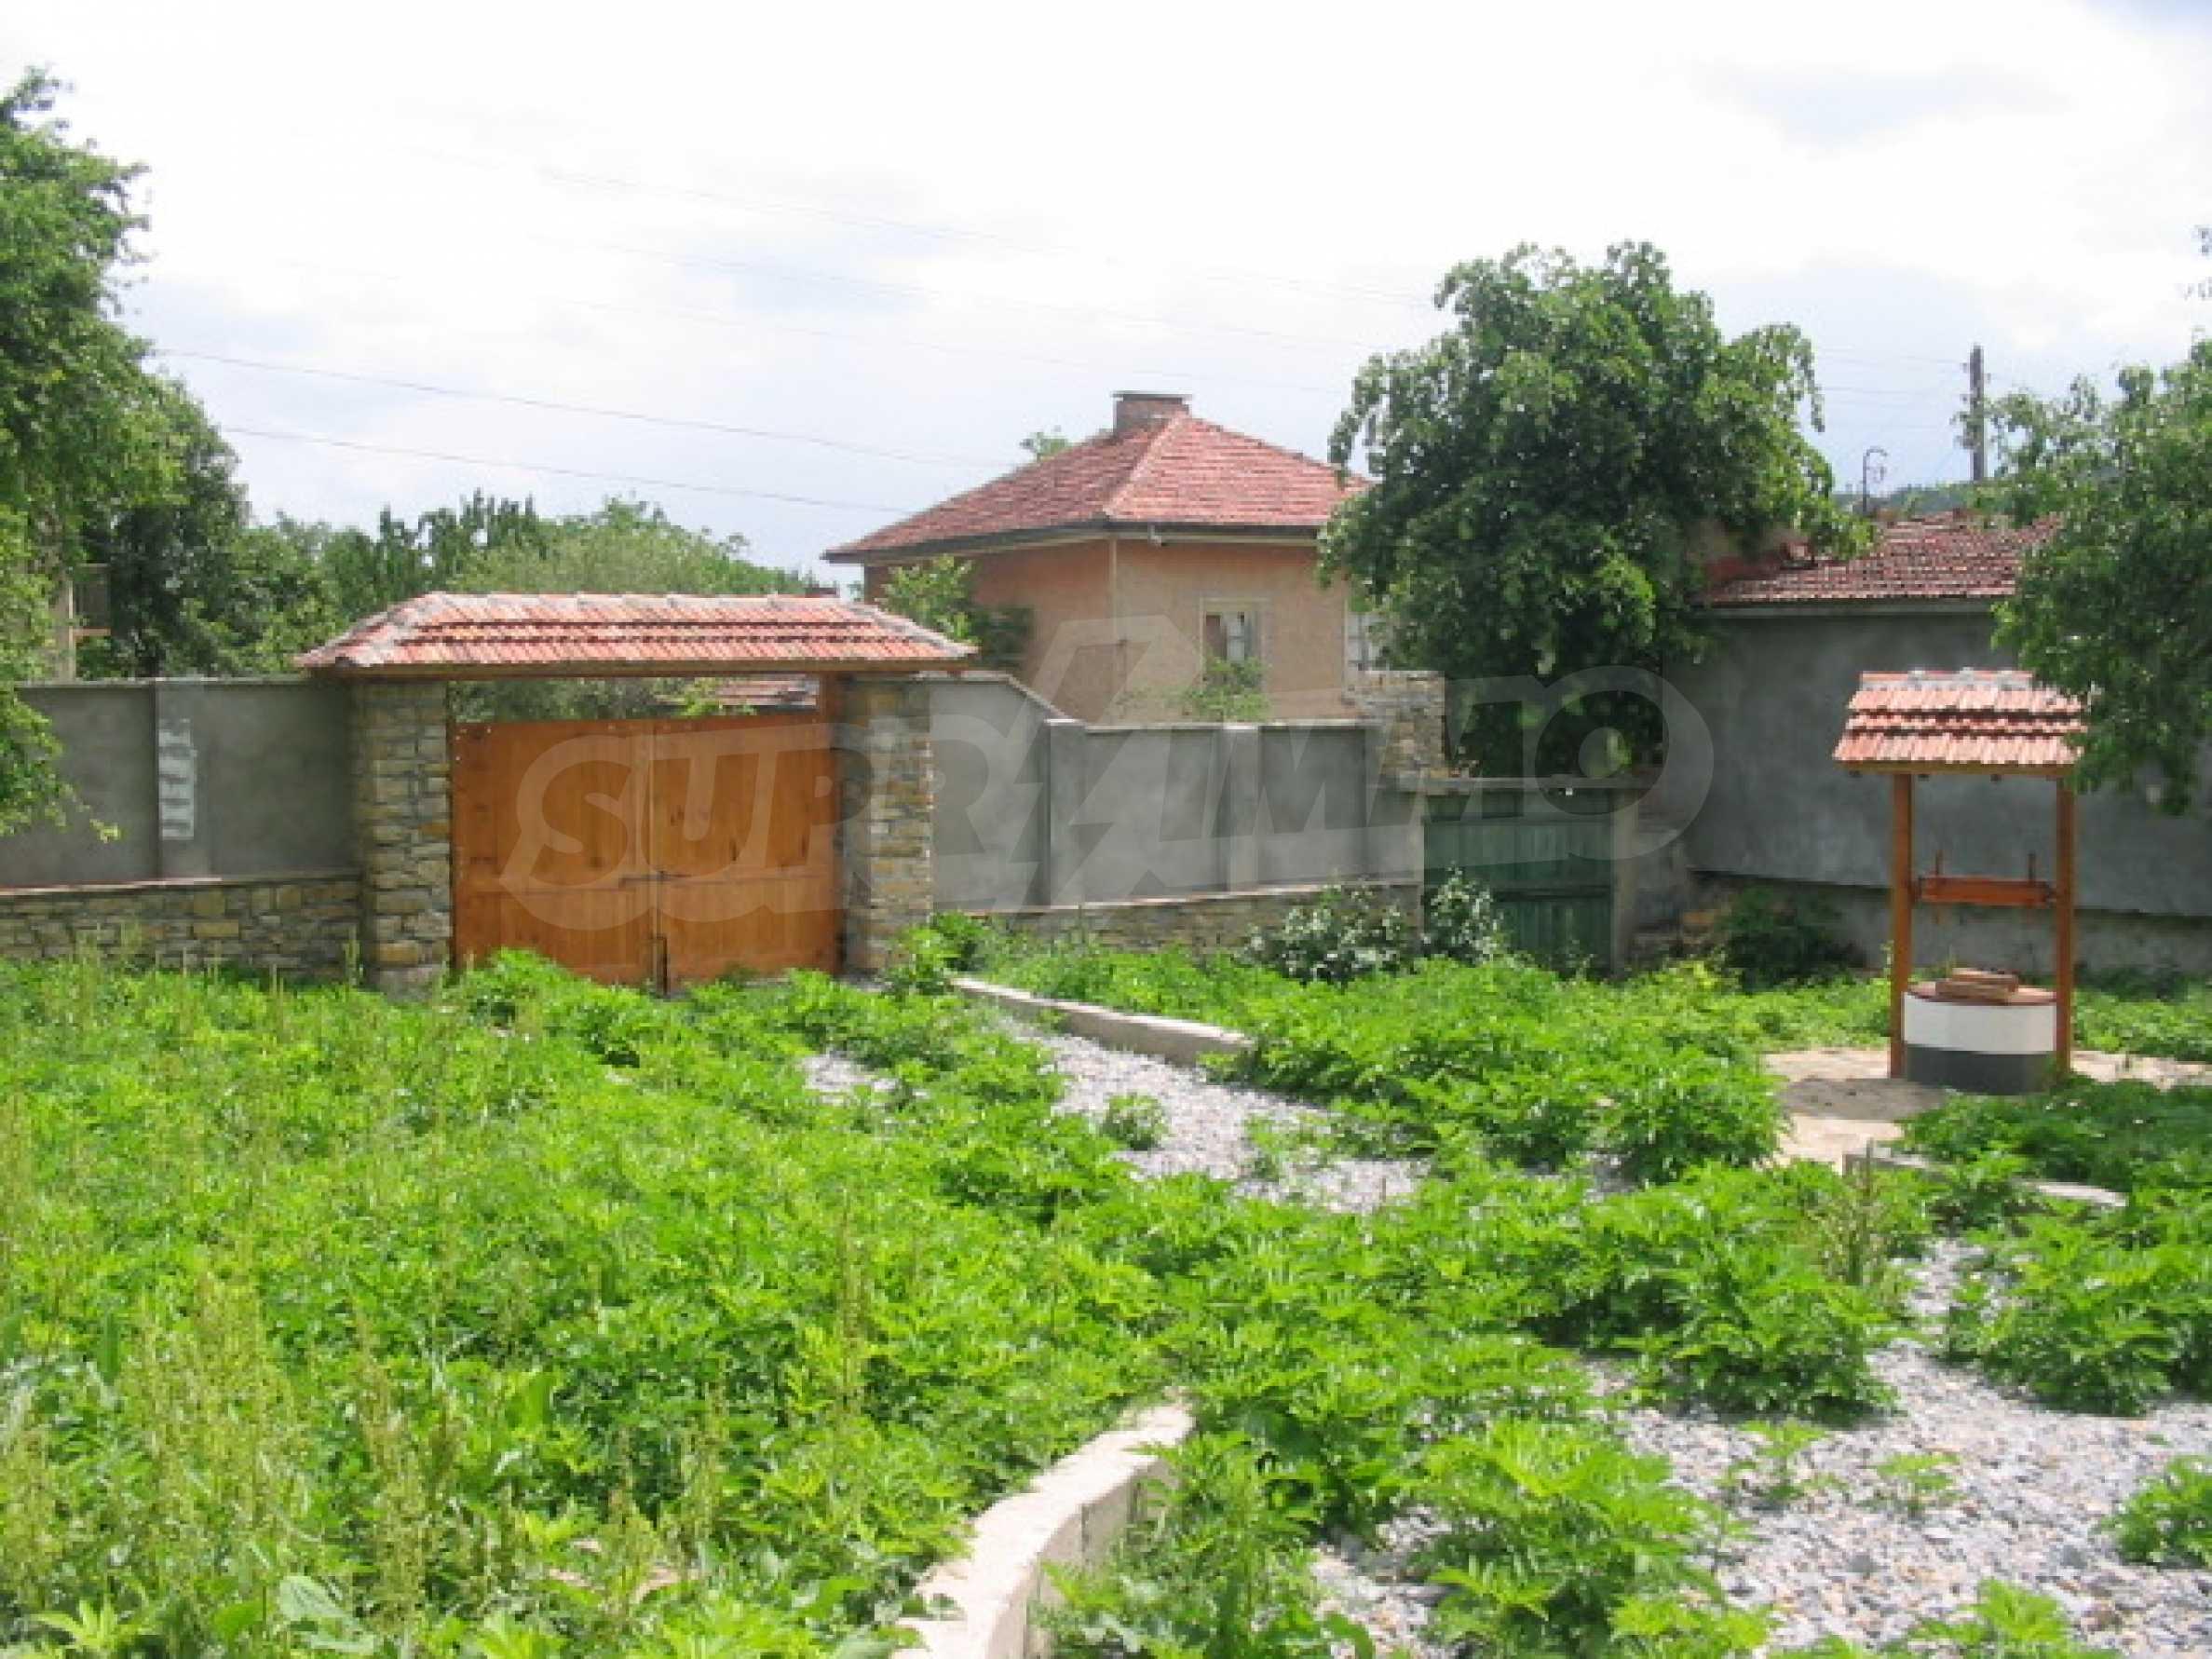 Komplett renoviertes und bezugsfertiges Haus 14